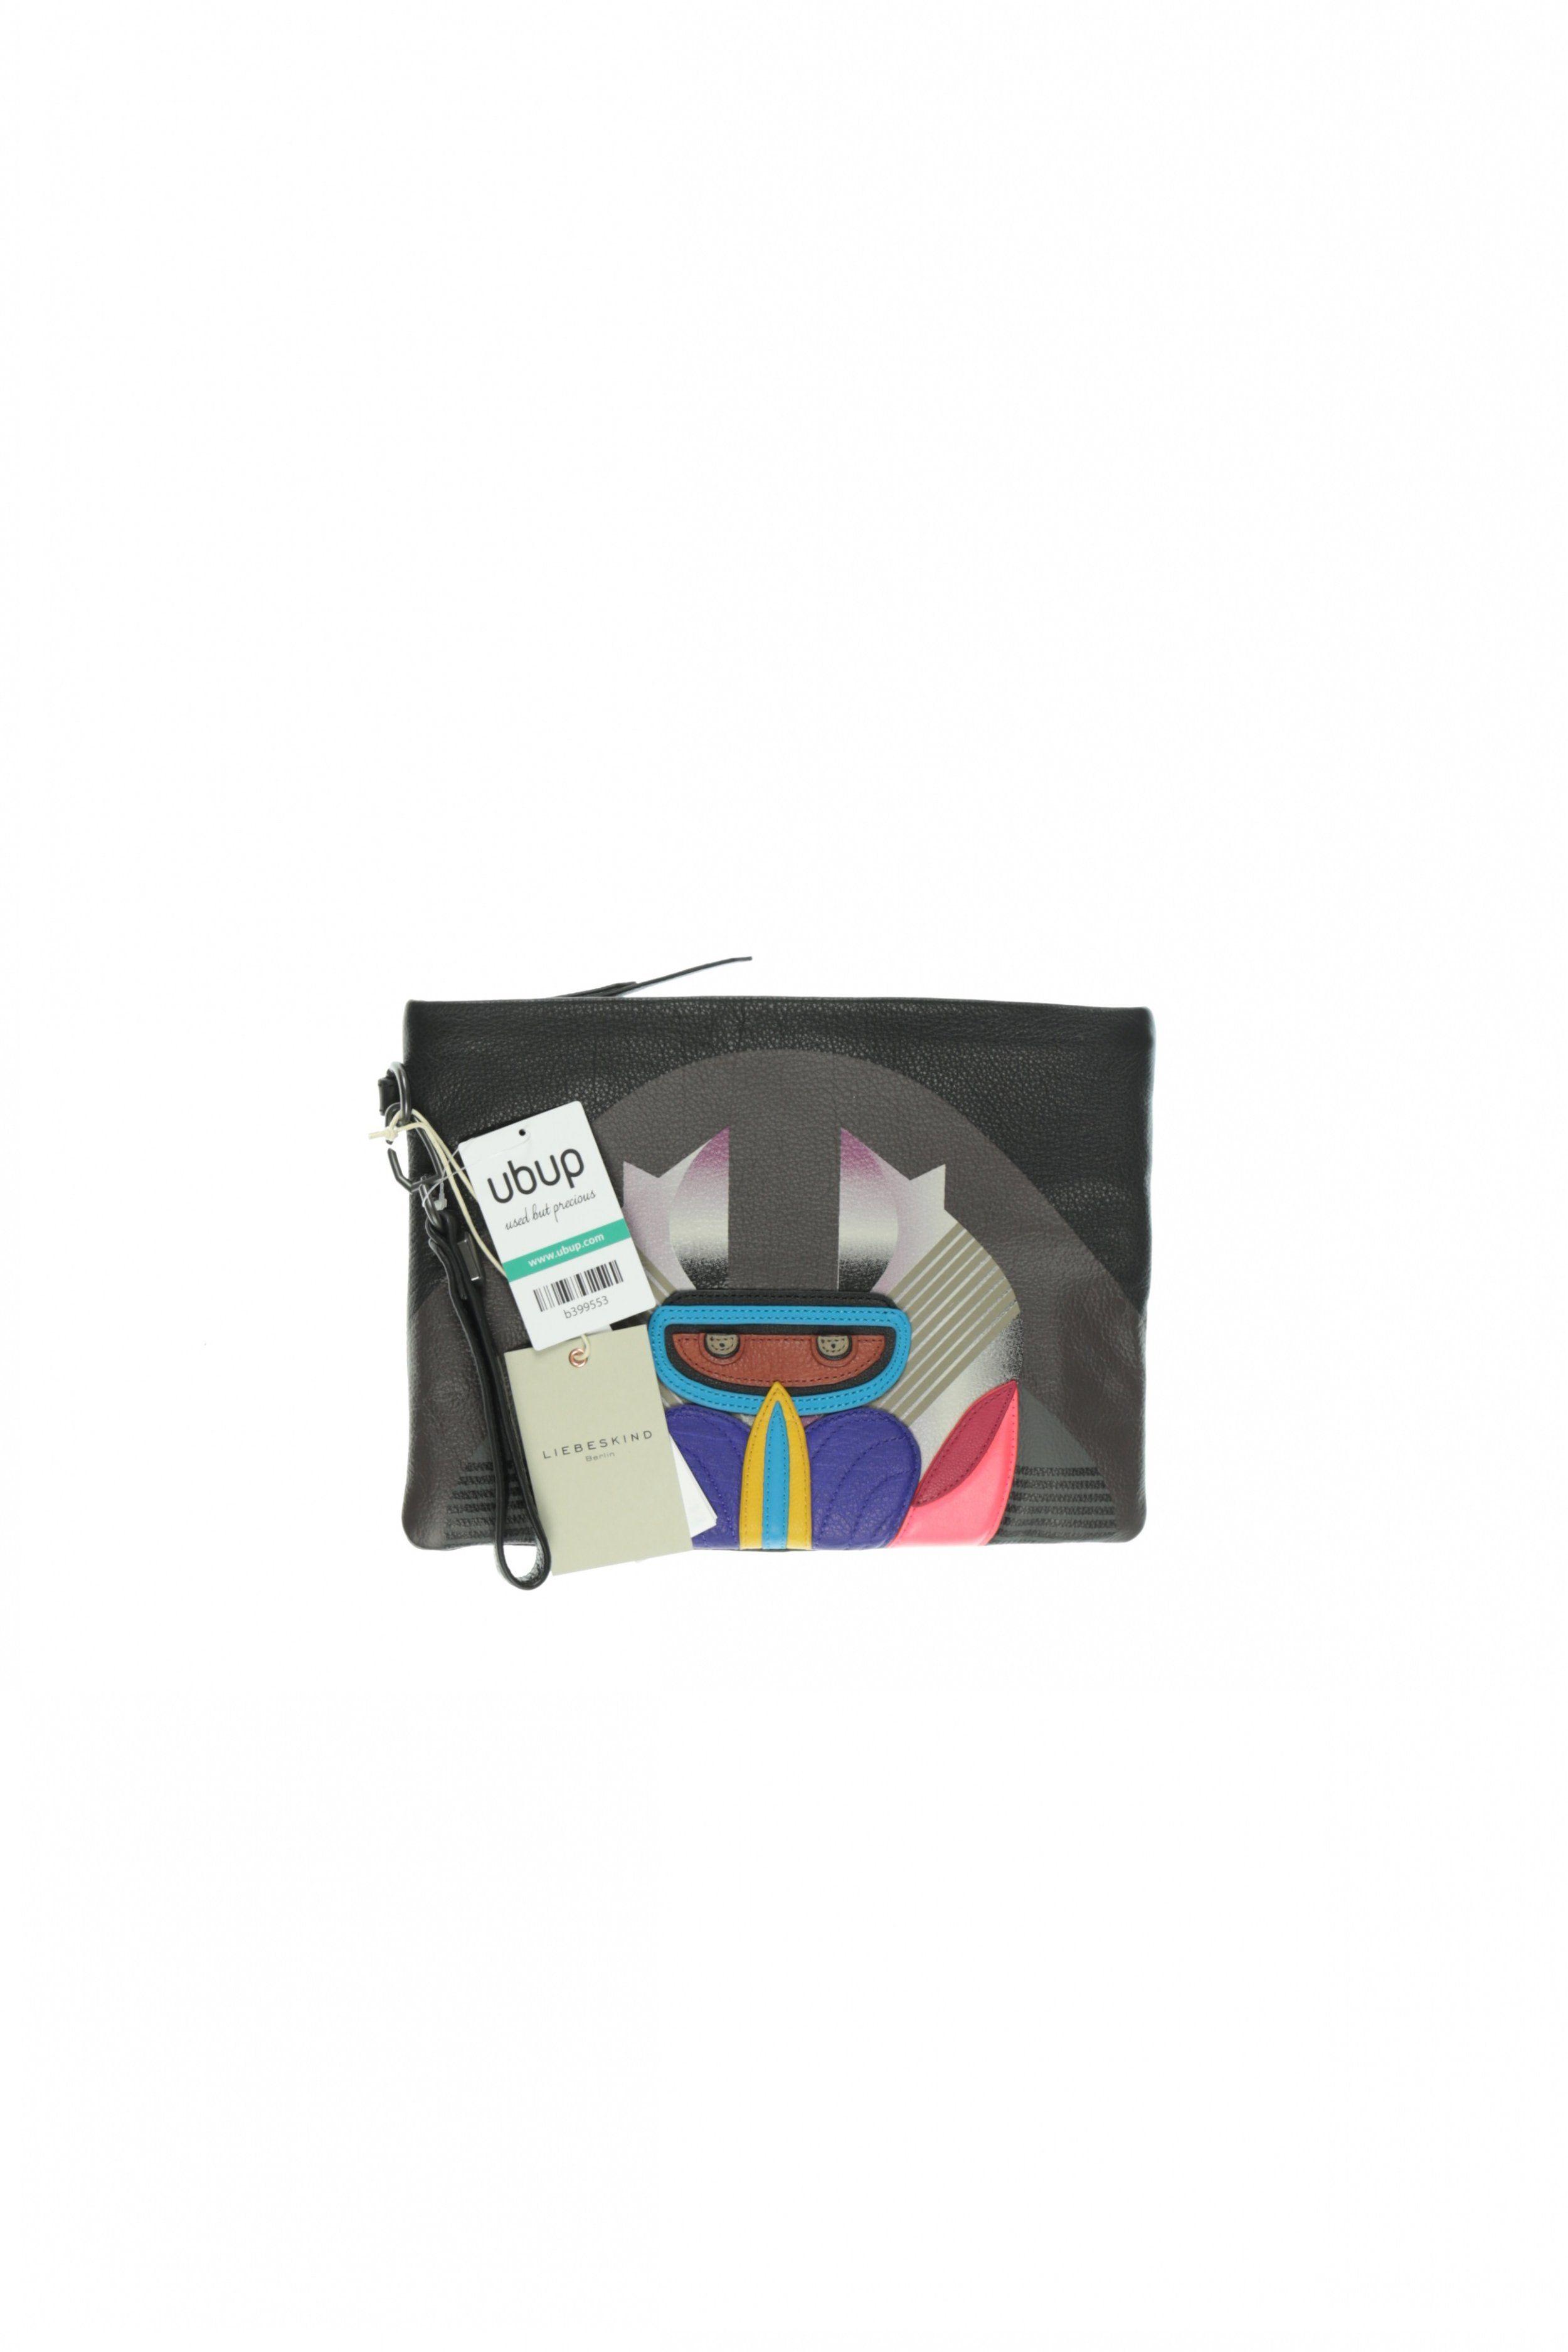 Pinguin? Roboter? Affe? Damen Handtasche von Liebeskind Berlin | ubup.com